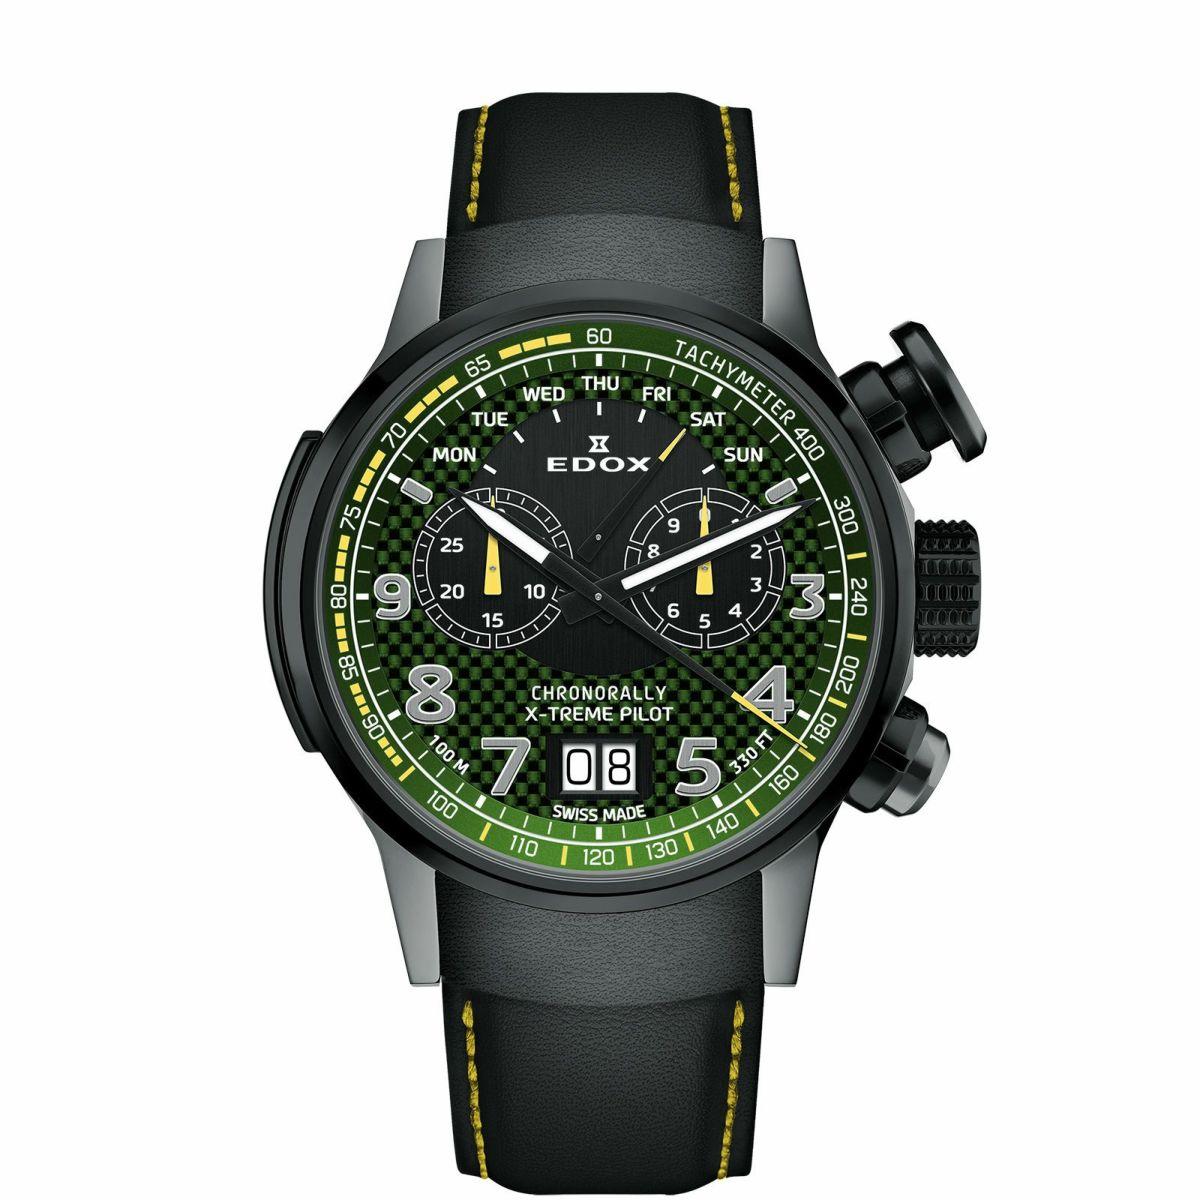 エドックス EDOX 38001-TINGN-V3 クロノラリー エクストリーム パイロット リミテッドエディション 世界限定555本 正規品 腕時計